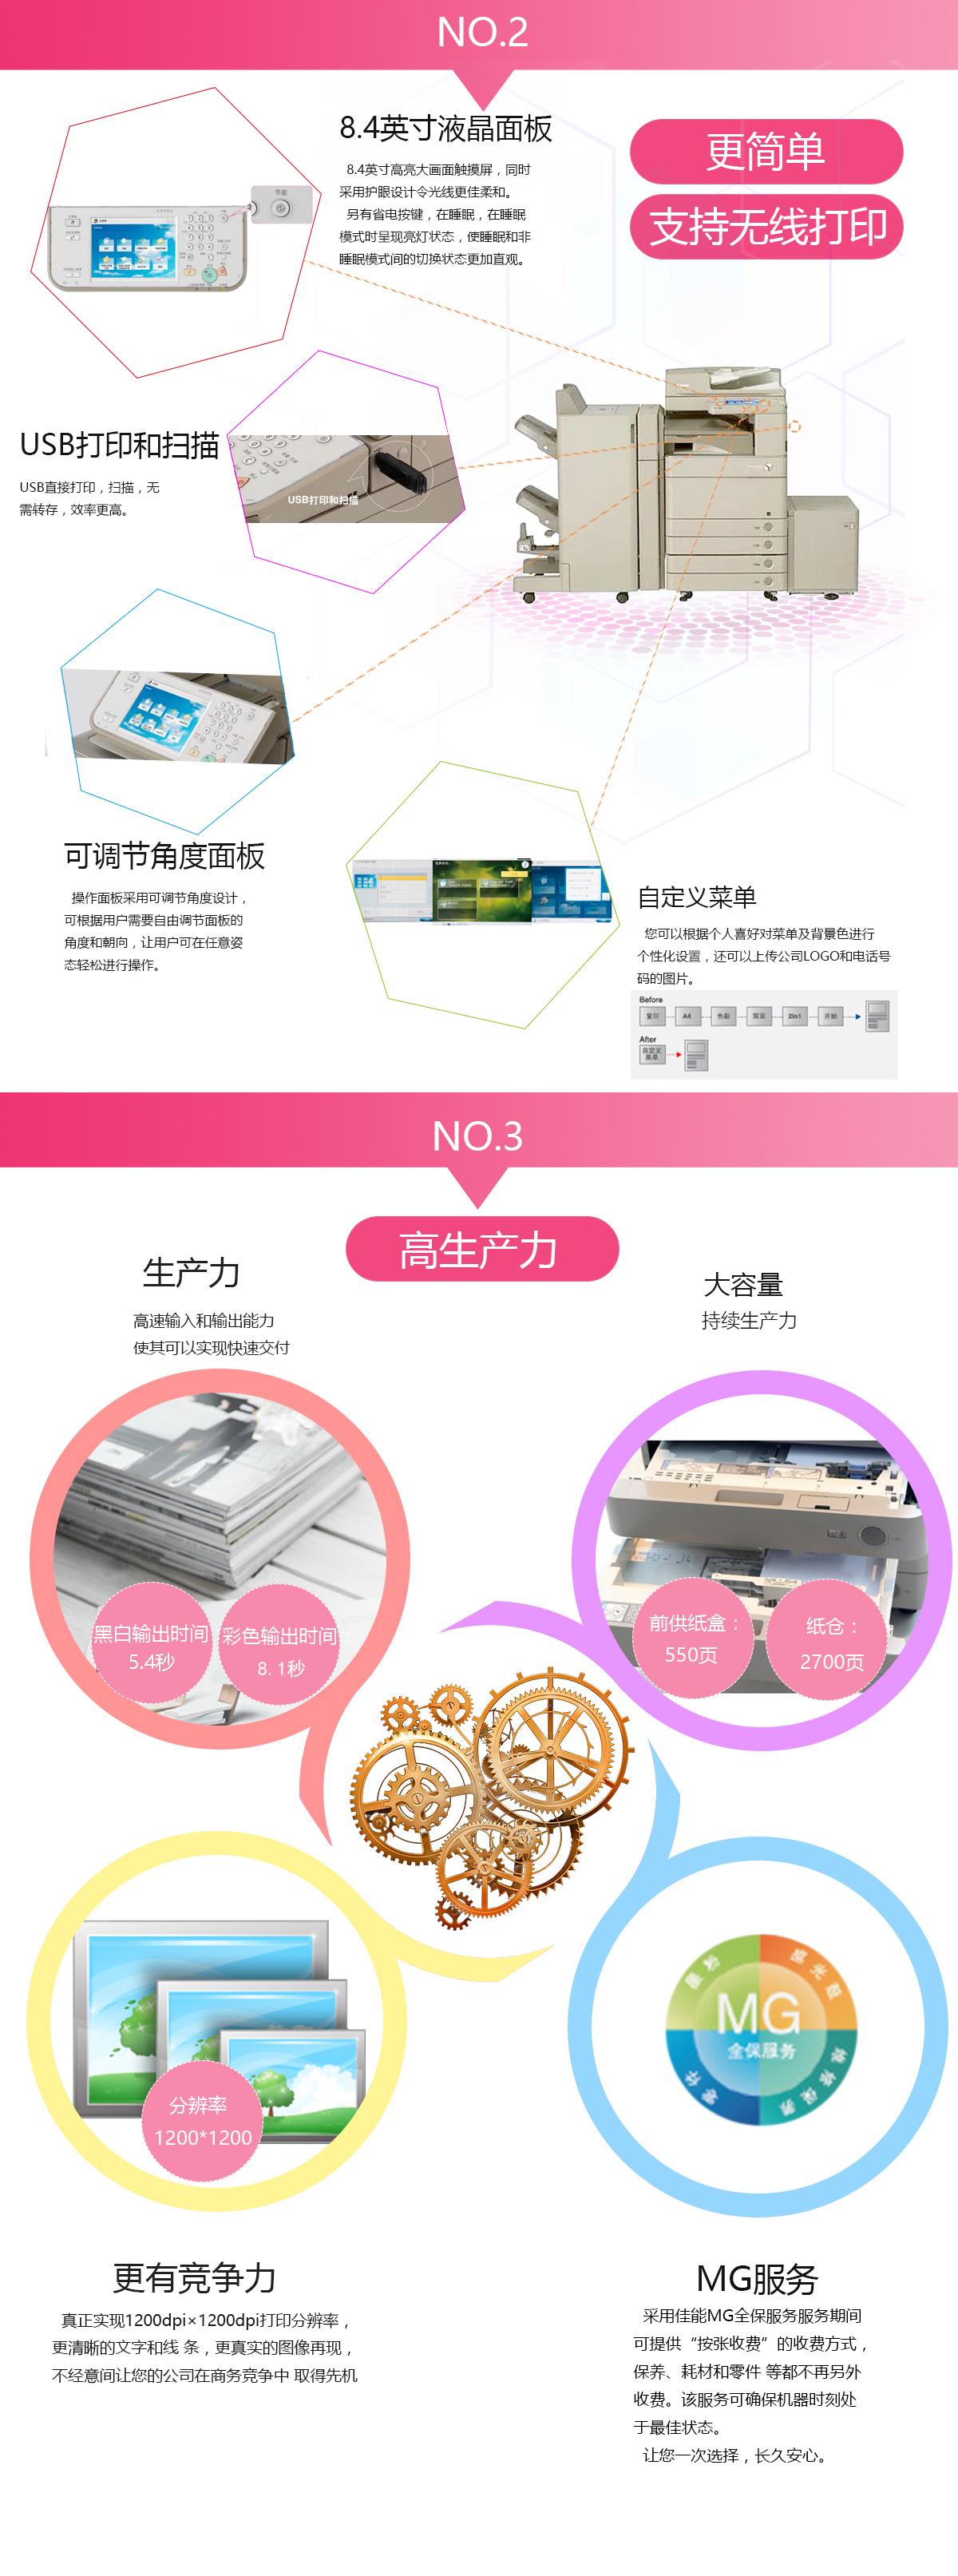 准新机)IR-ADV C5250 佳能复合机A3A4彩色激光网络打印扫描一体机(打印/复印/网络扫描)(图2)